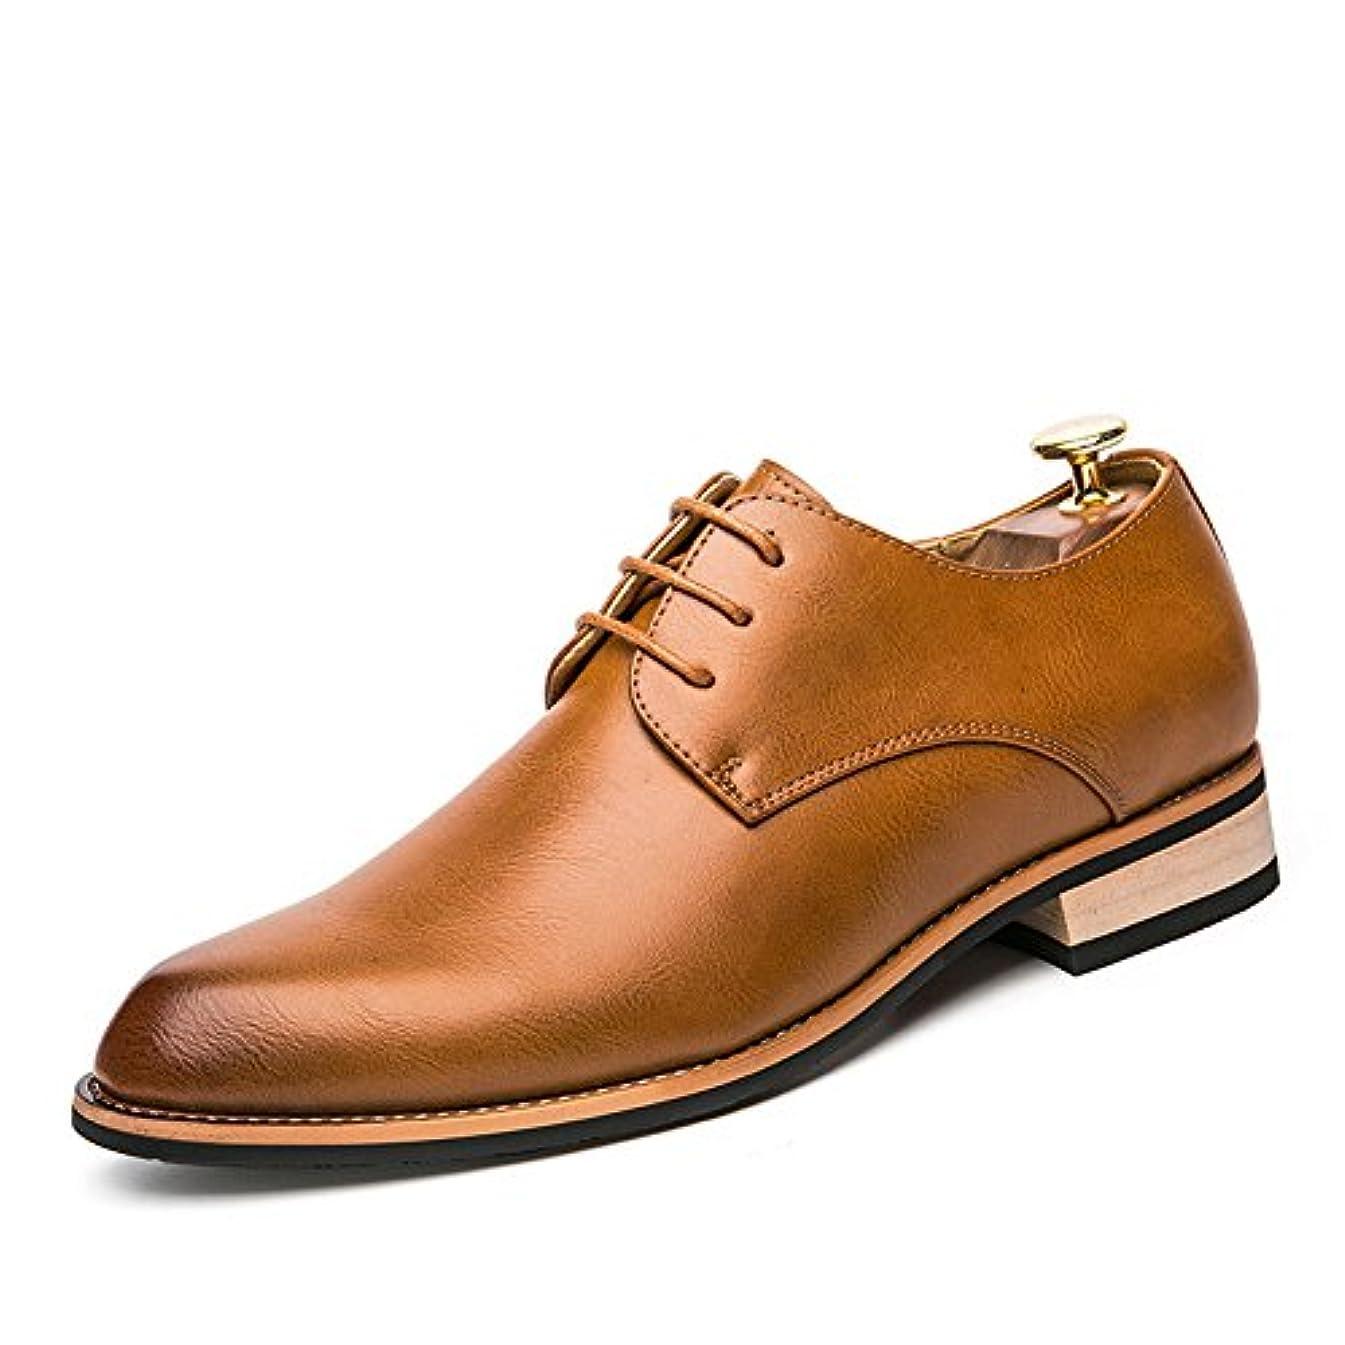 即席ストレススイMAXTEC ビジネスシューズ レースアップ メンズ カジュアルシューズ 革靴 スニーカー レザー 滑り止め リーガル